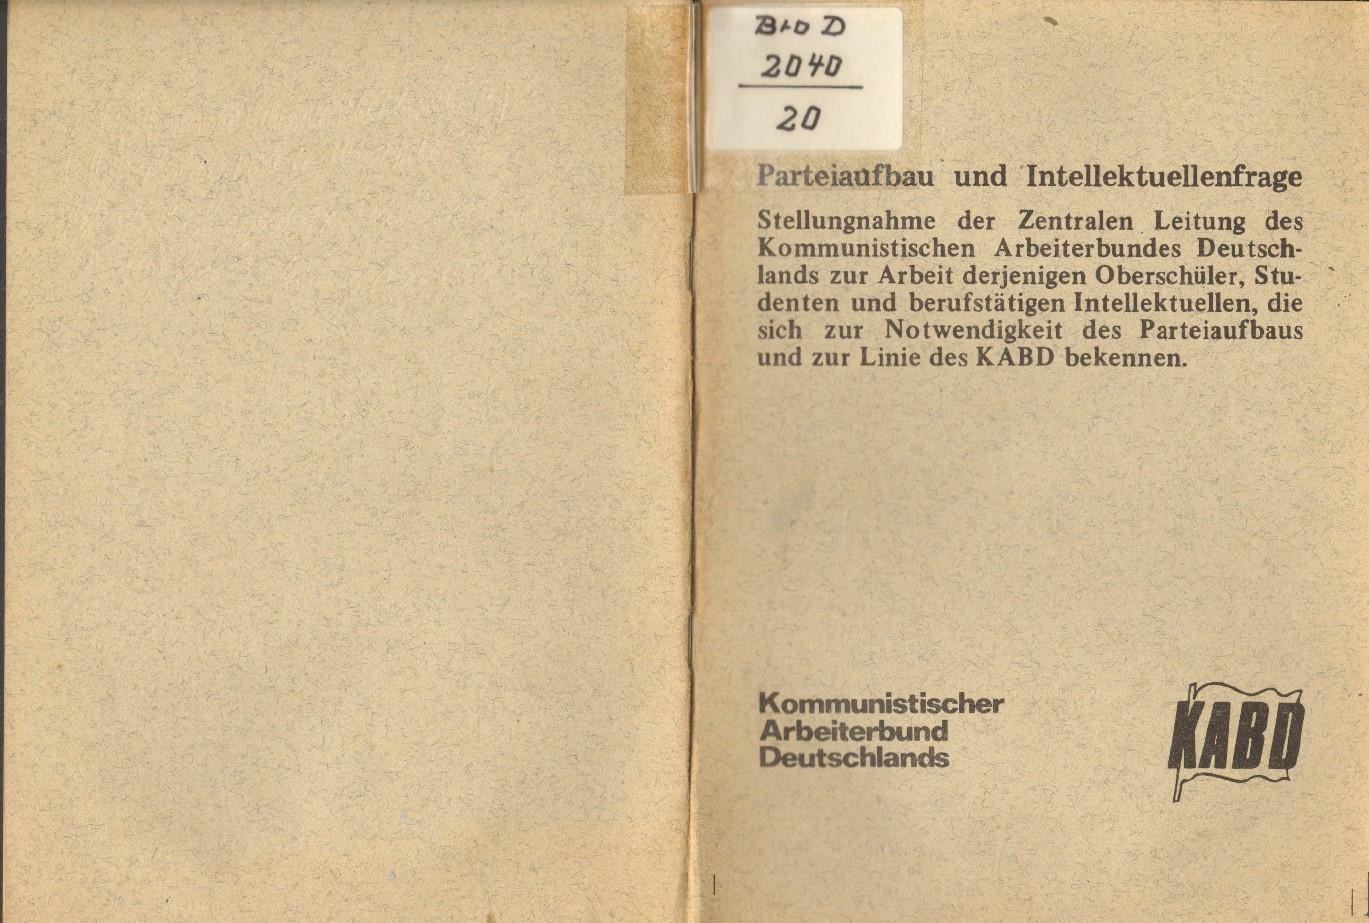 KABD_1976_Parteiaufbau_und_Intellektuellenfrage_01